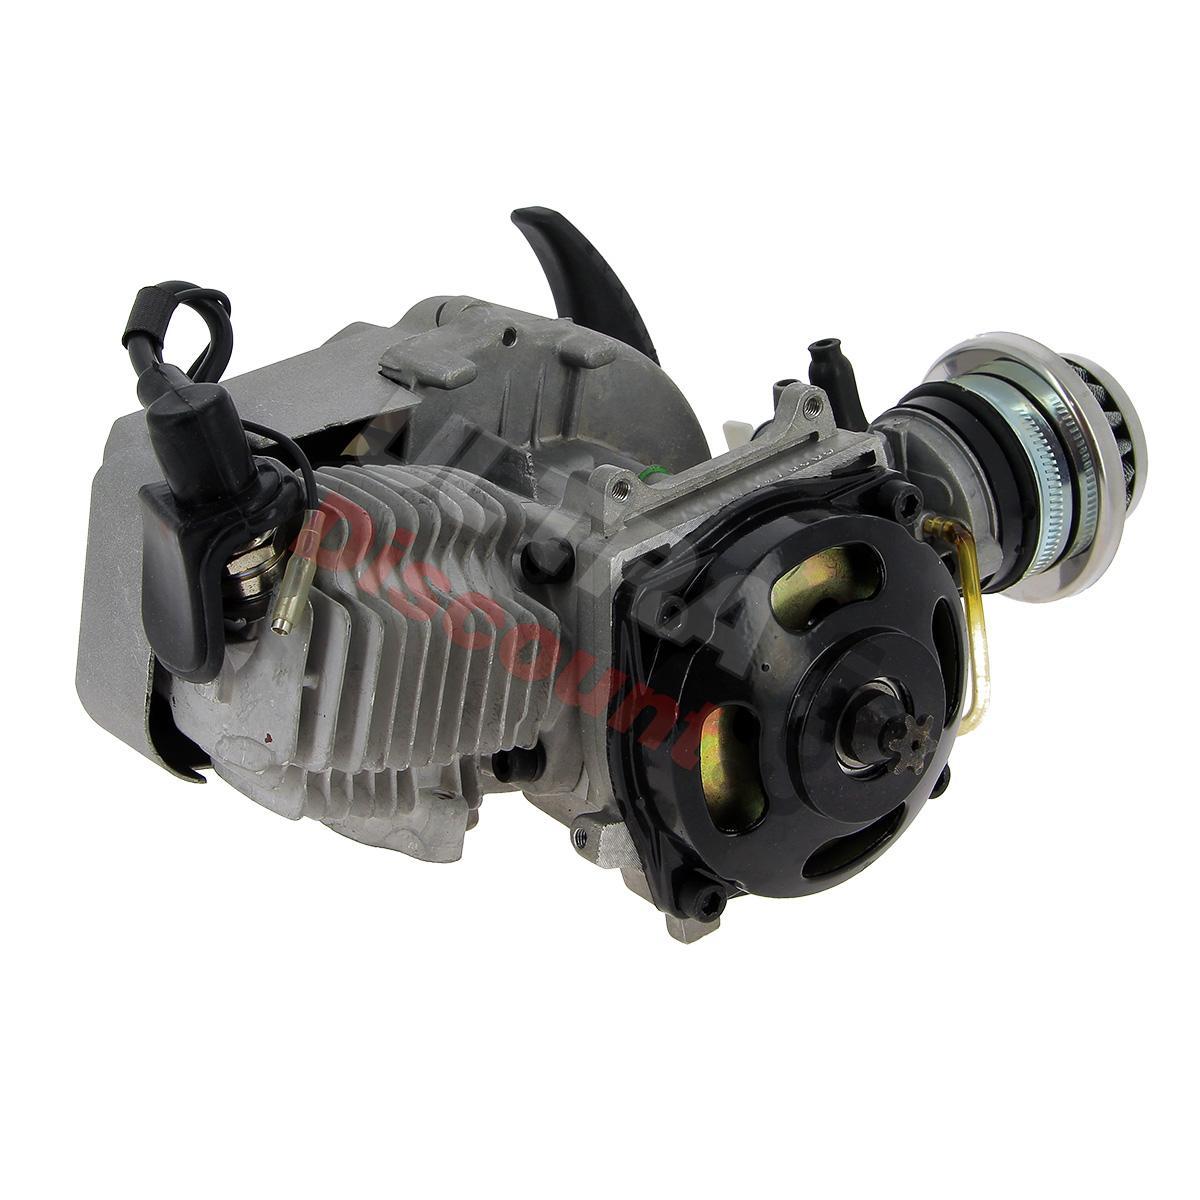 engine for pocket quad 49cc racing air filter alu recoil starter type 2 engine pocket. Black Bedroom Furniture Sets. Home Design Ideas